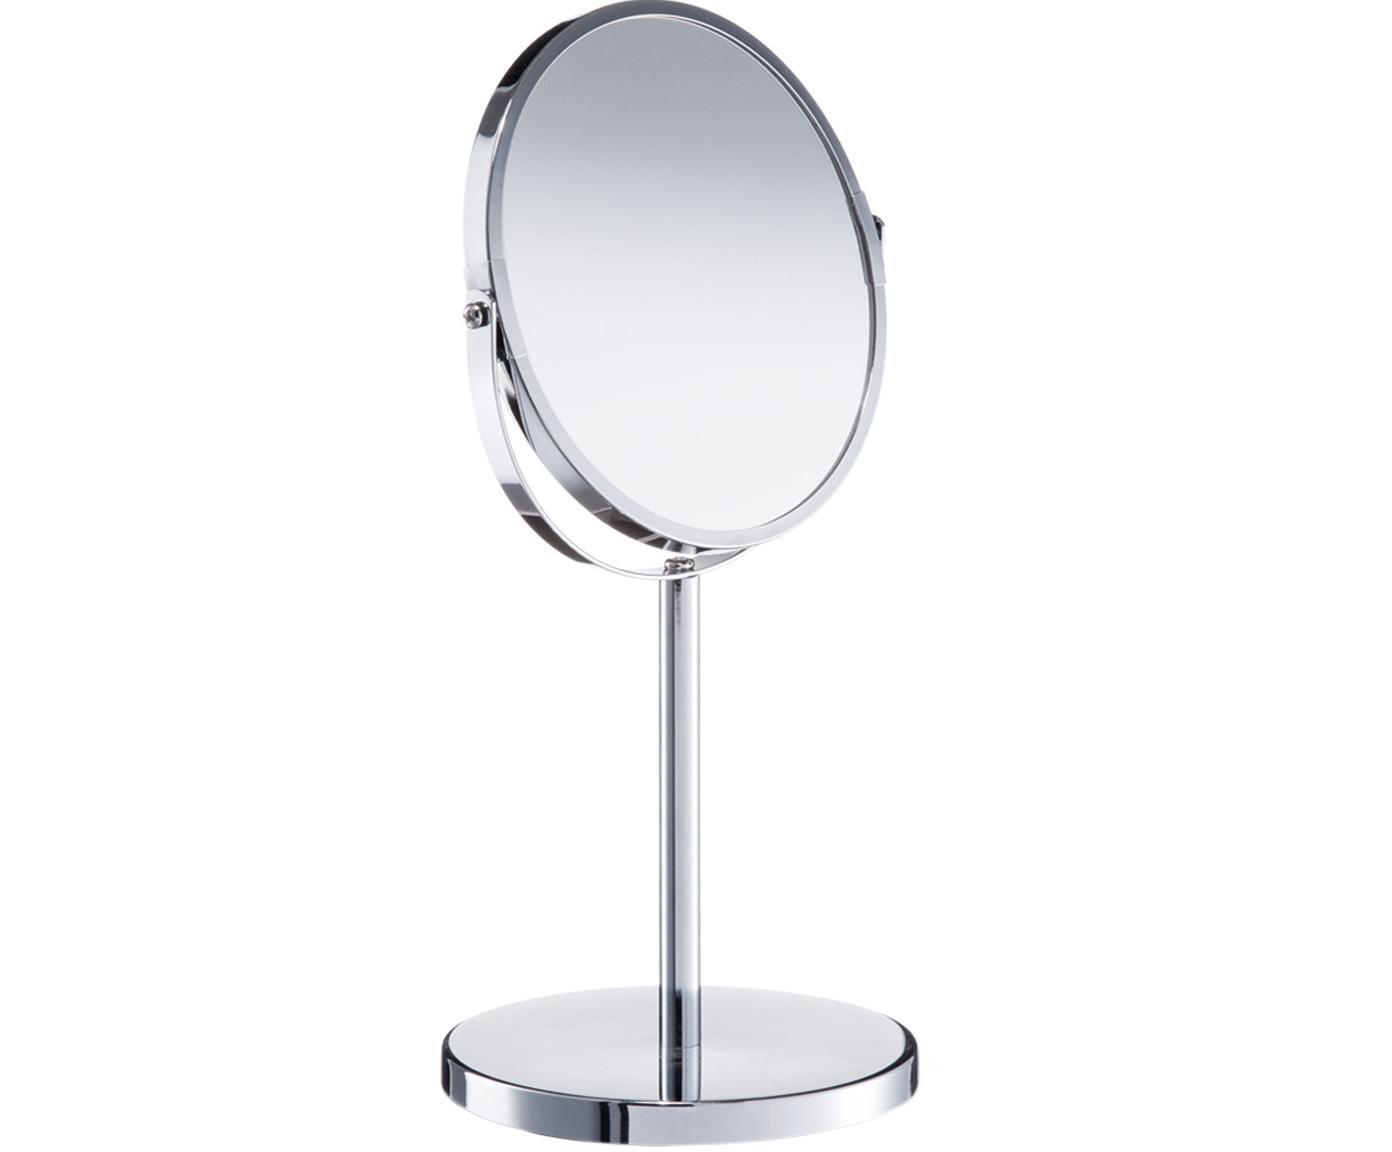 Make-up spiegel Flip met vergrootglas, Zilverkleurig, Ø 17 x H 35 cm